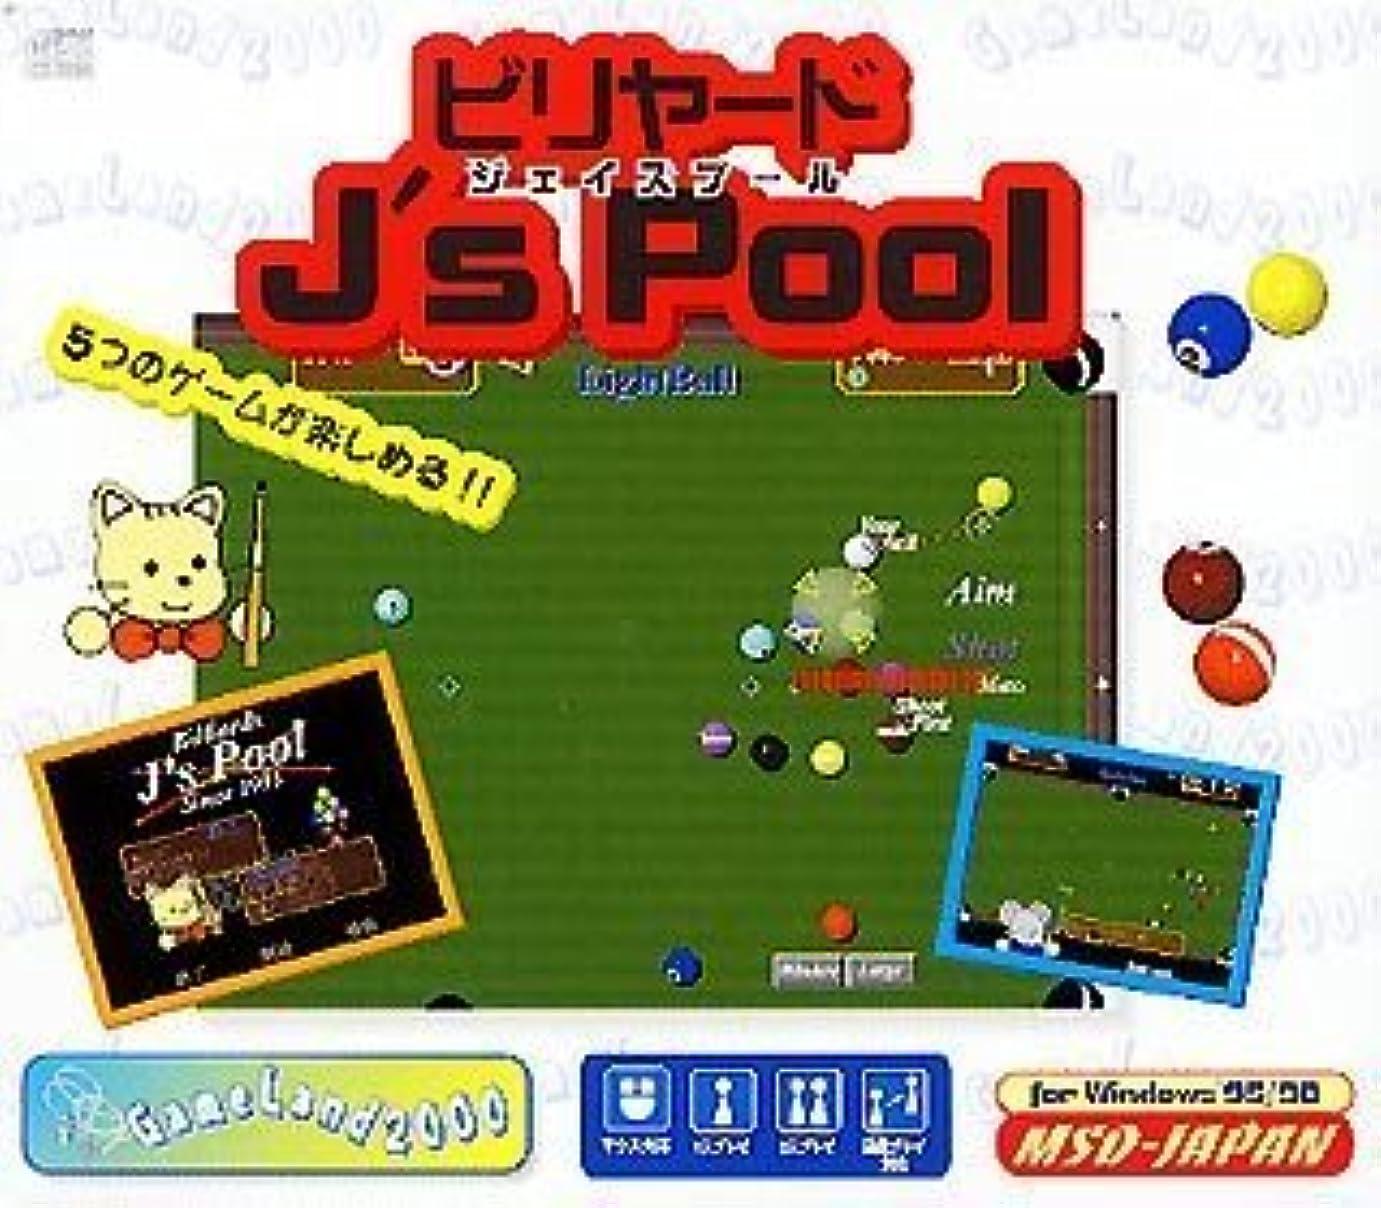 コンピューターわかる毎年GameLand2000 ビリヤード J's Pool